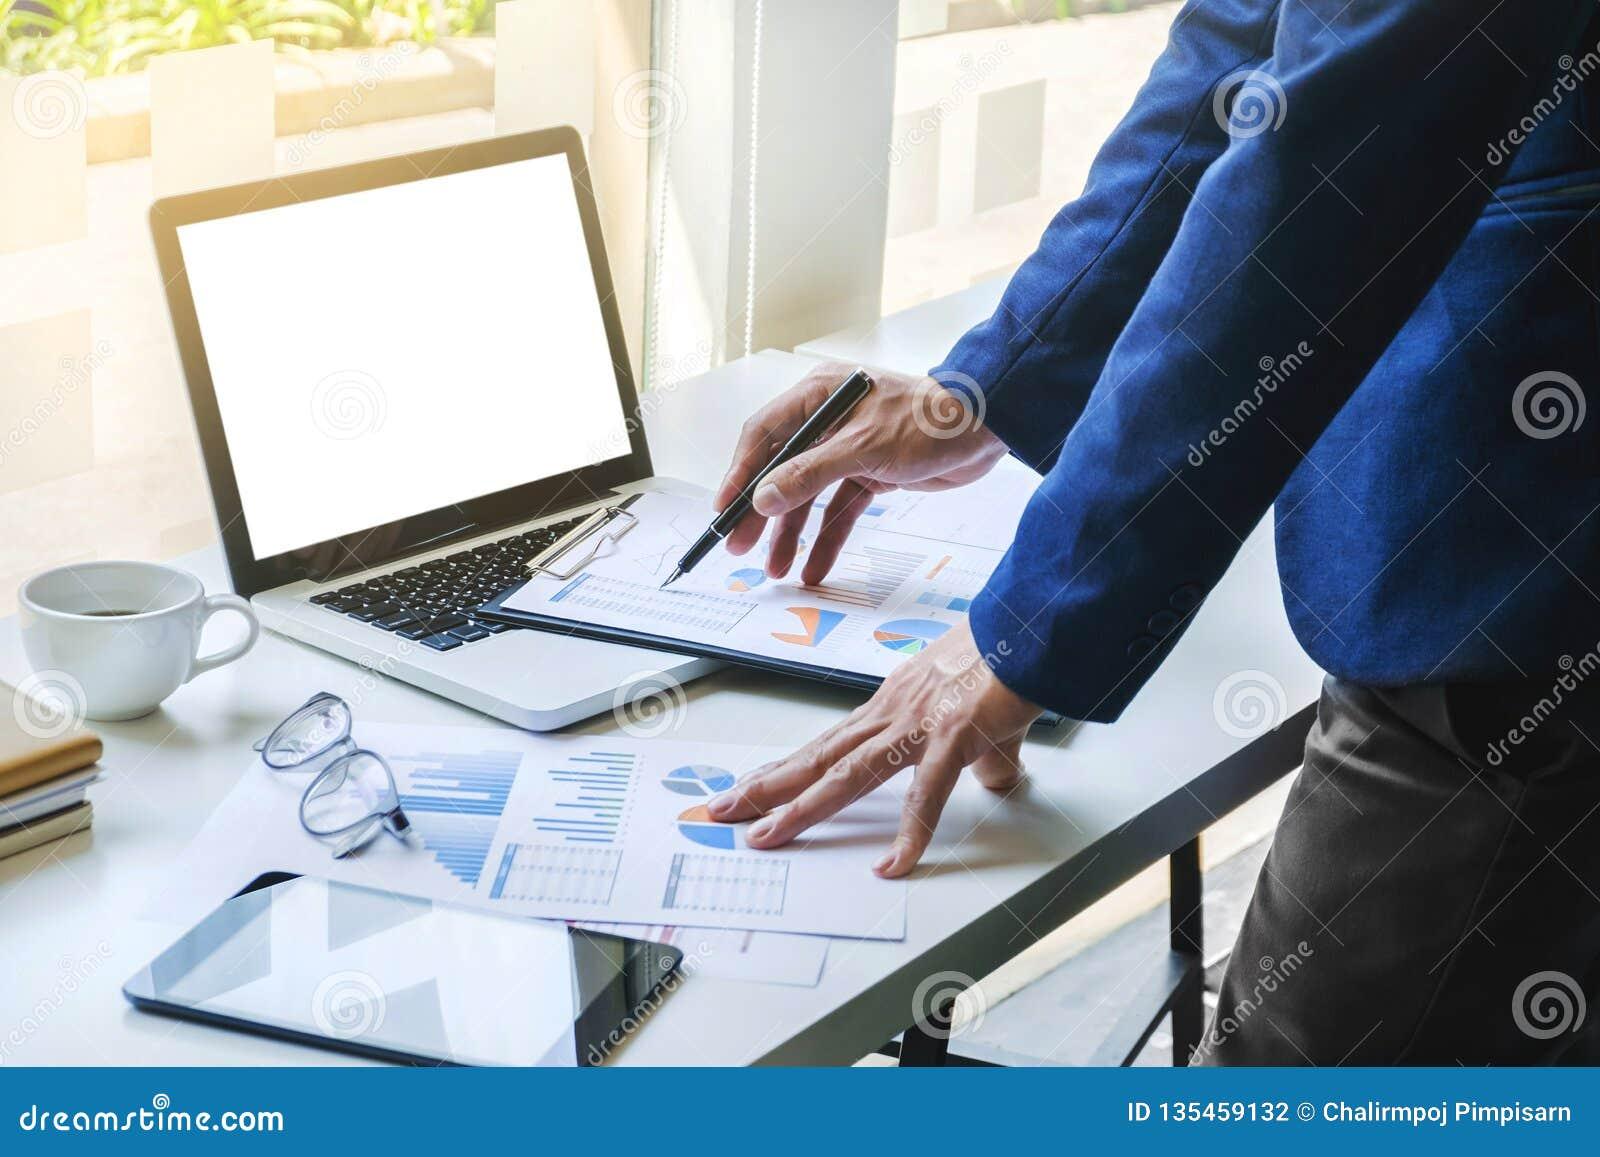 De gegevensdocumenten van de bedrijfsmensen werkende analyse van effectenbeursbedrijf op het kantoor met lege het schermlaptop